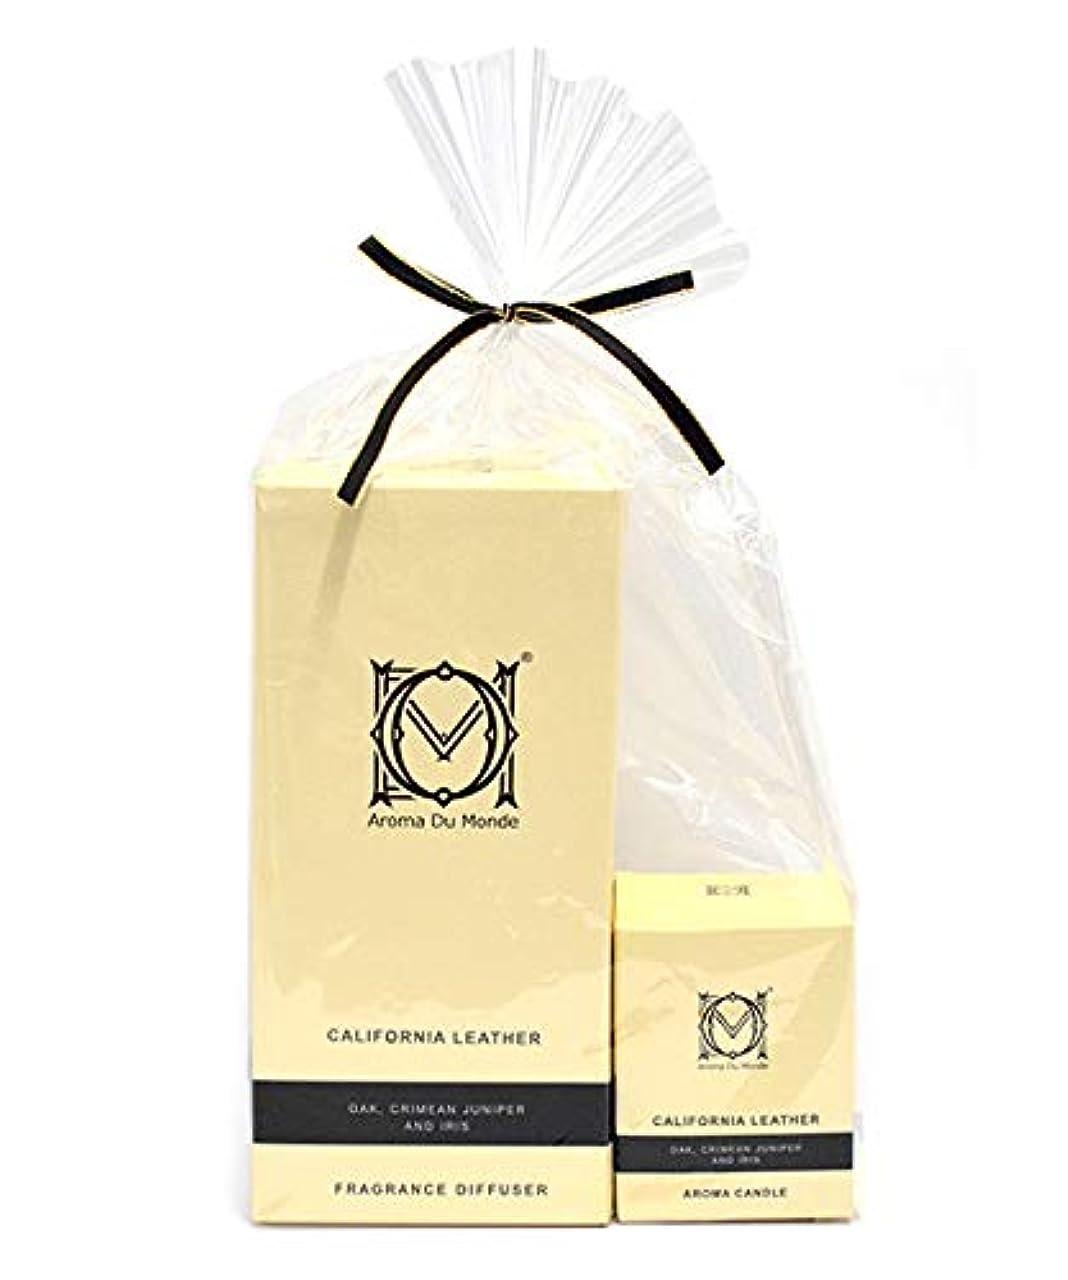 ぬいぐるみ周りオリエンテーションフレグランスディフューザー&キャンドル カリフォルニアレザー セット Aroma Du Monde/ADM Fragrance Diffuser & Candle California Leather Set 81159